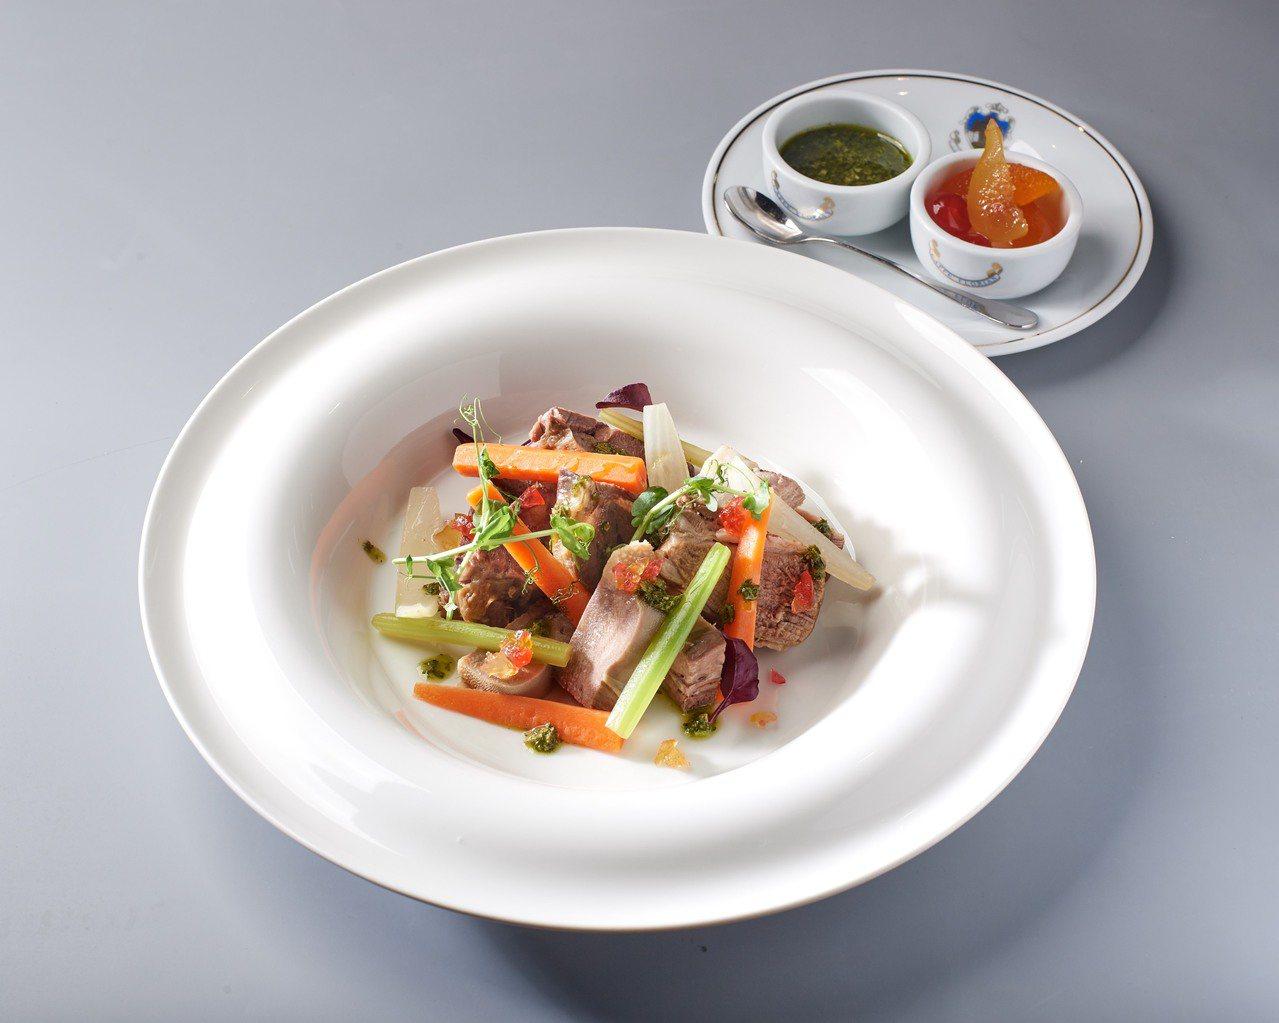 義式燴肉佐蔬菜。圖/新光三越提供